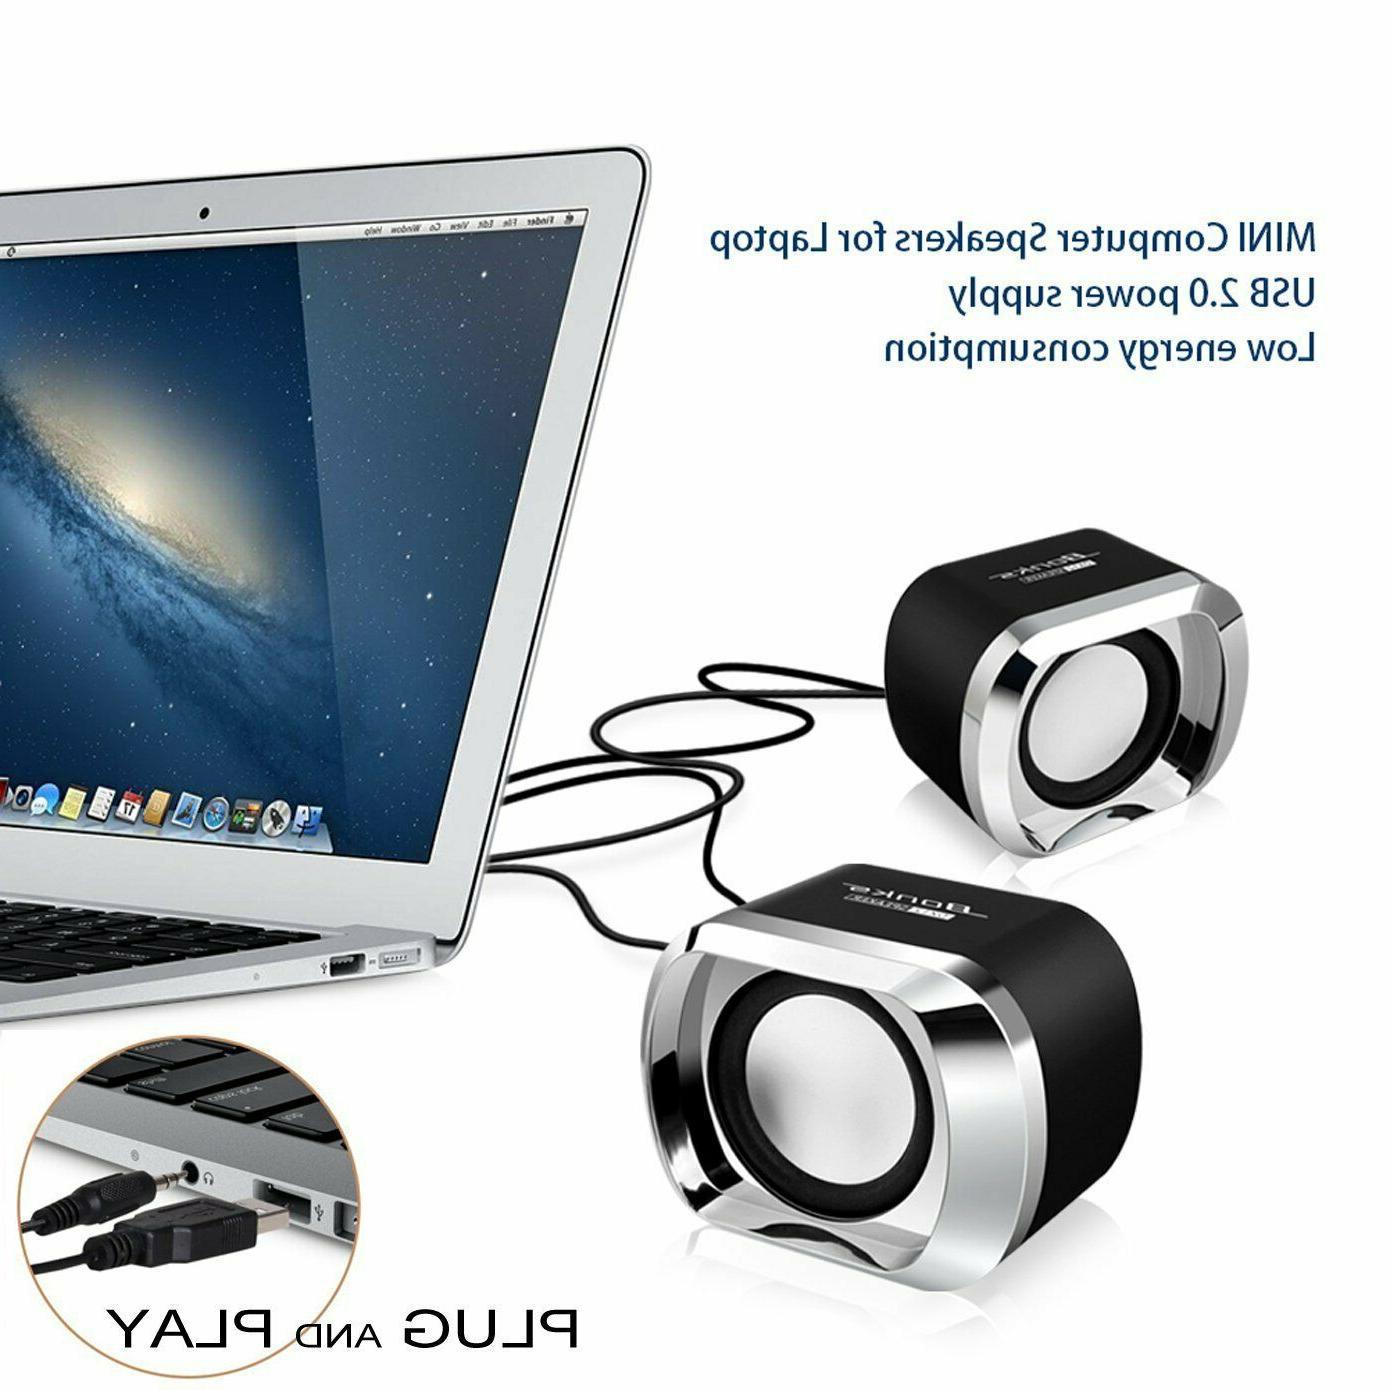 Speakers Desktop Laptop New